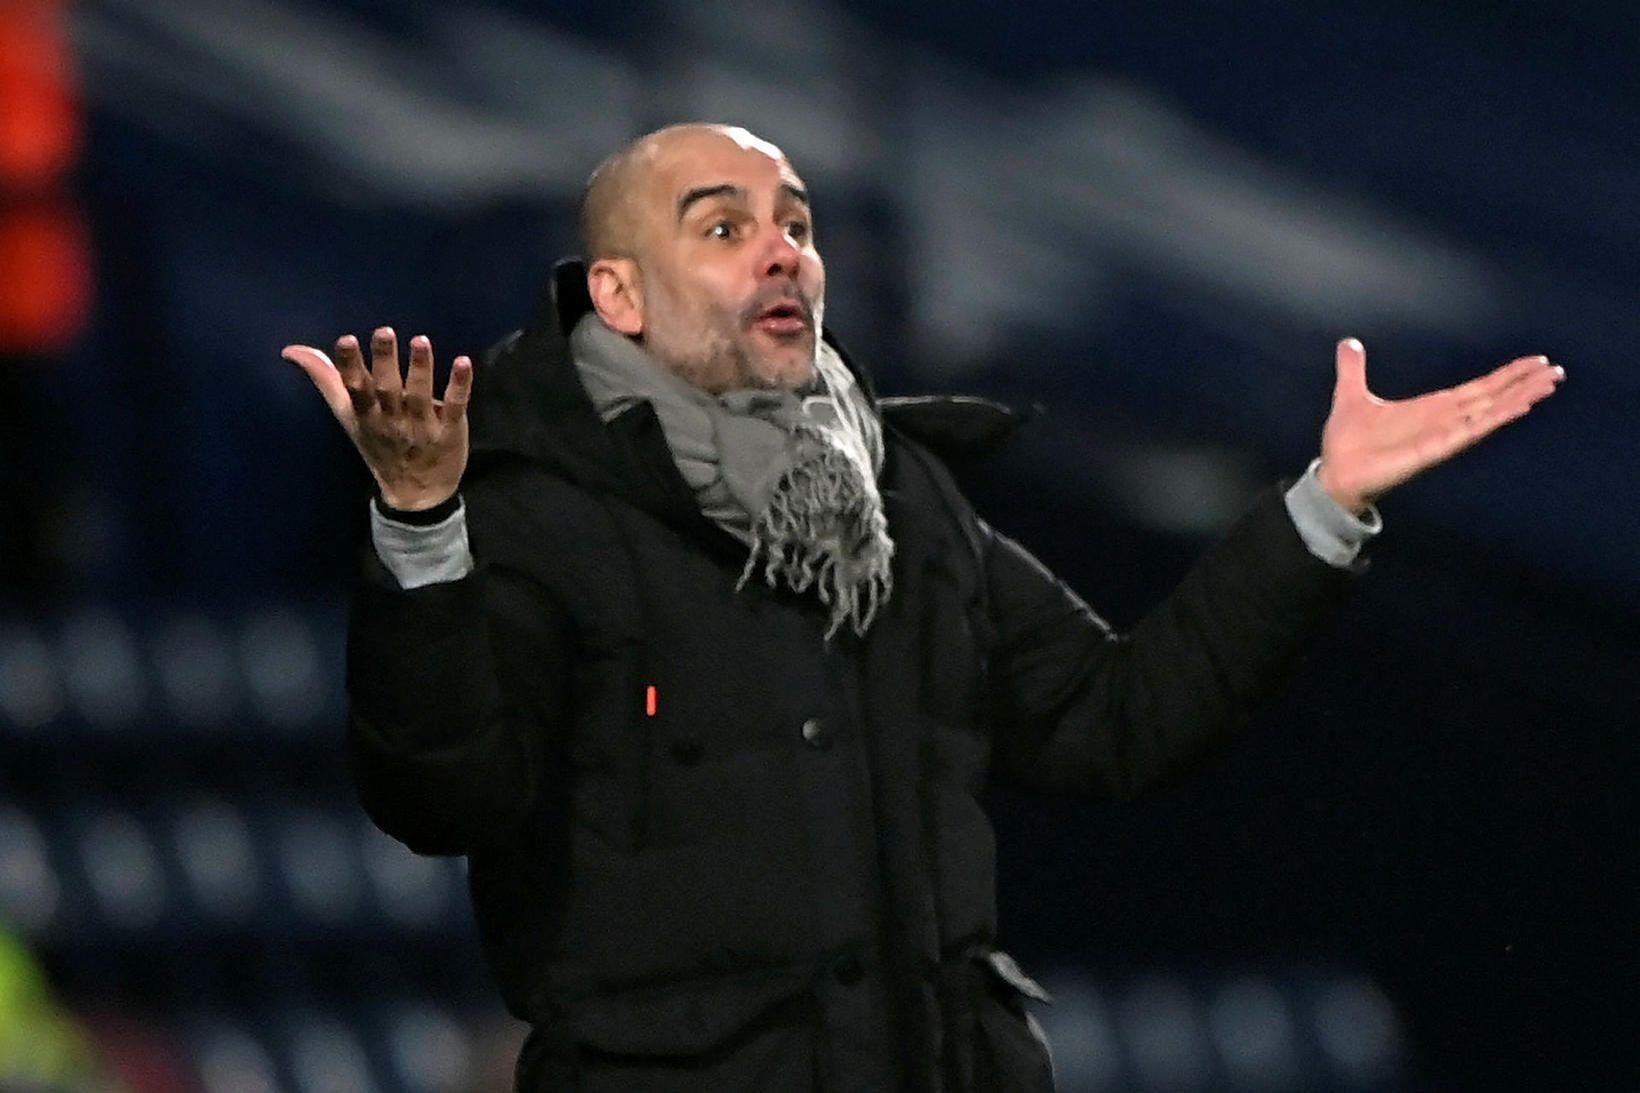 Pep Guardiola gat leyft sér að brosa í leikslok.